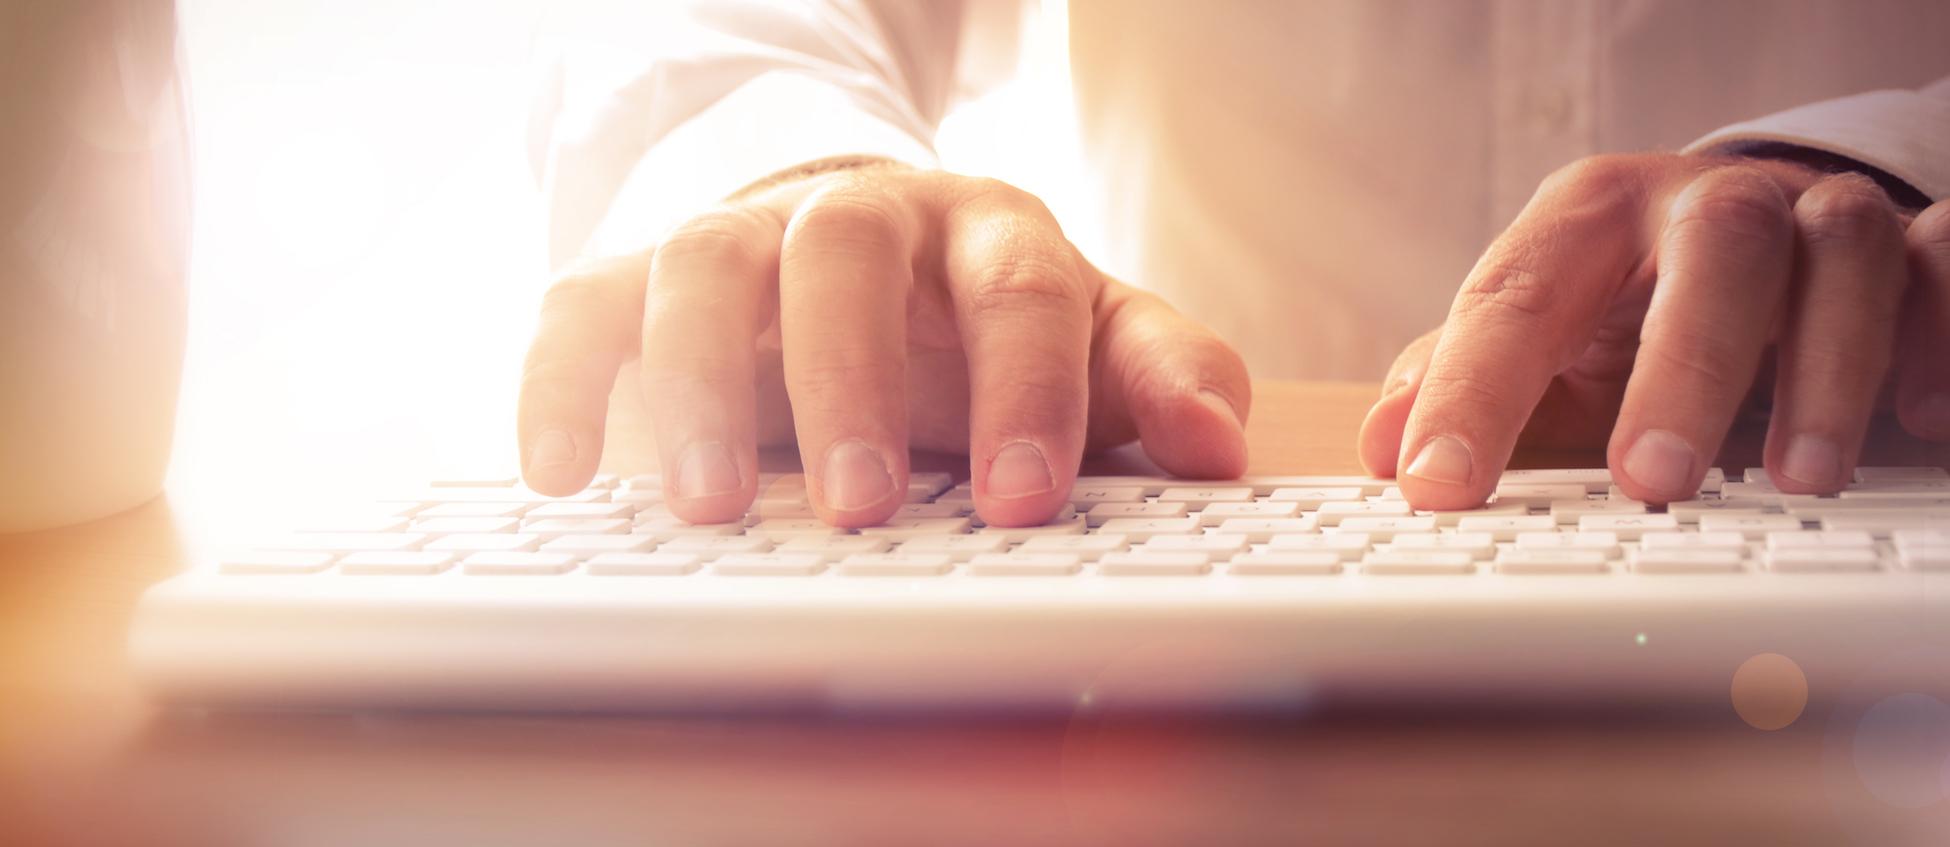 vdi-keyboard